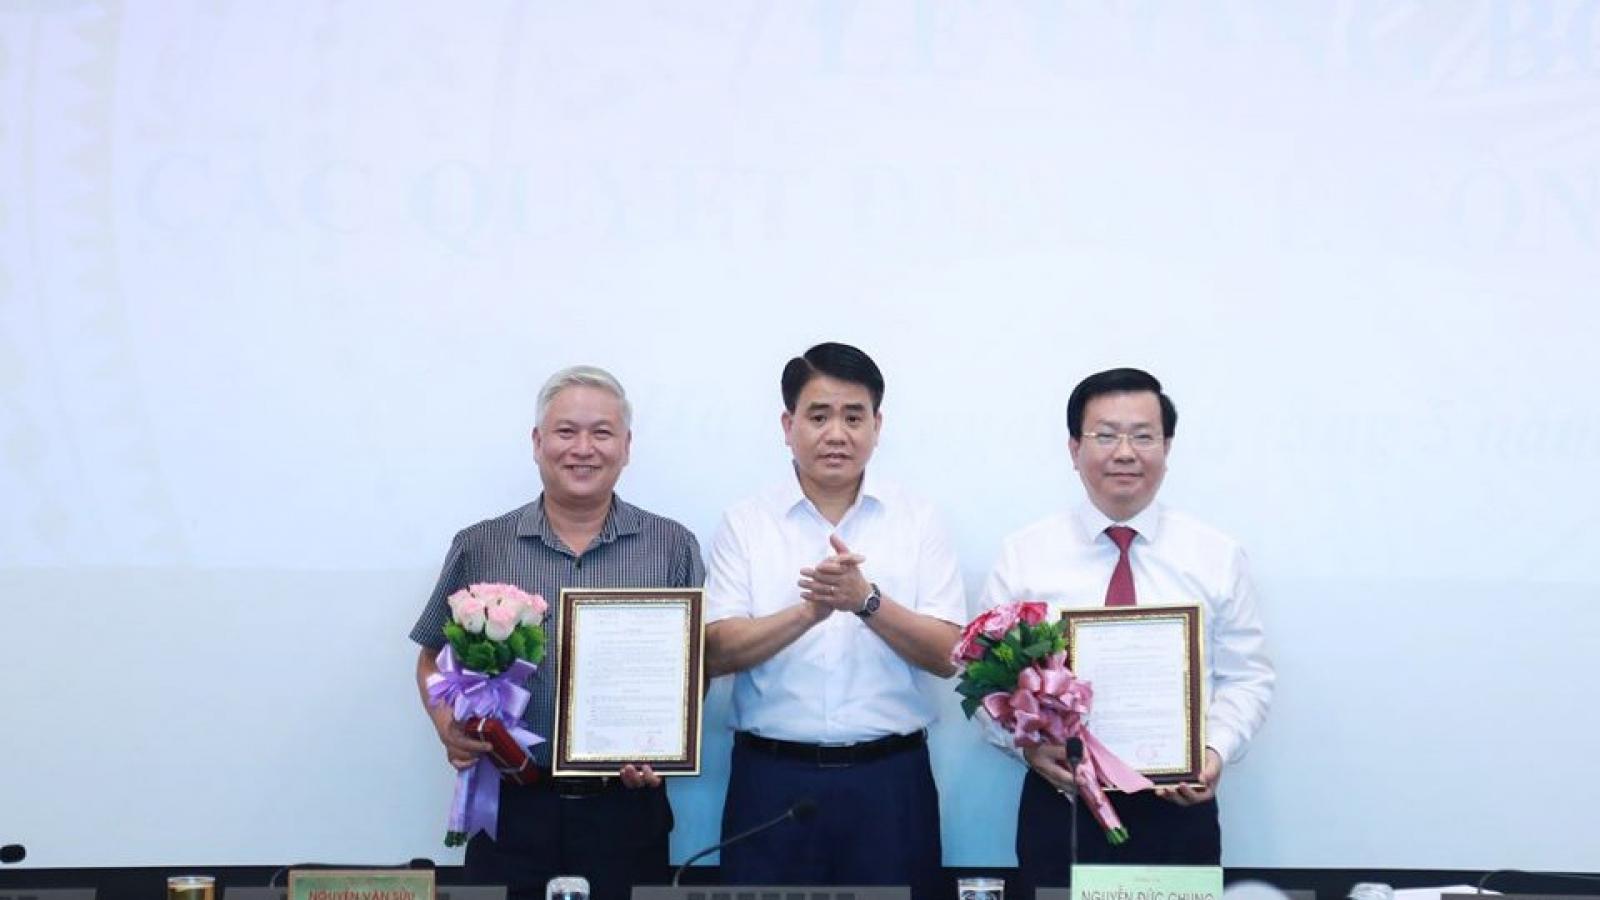 Hà Nội bổ nhiệm Chủ tịch quận Đống Đa làm Giám đốc Sở Xây dựng